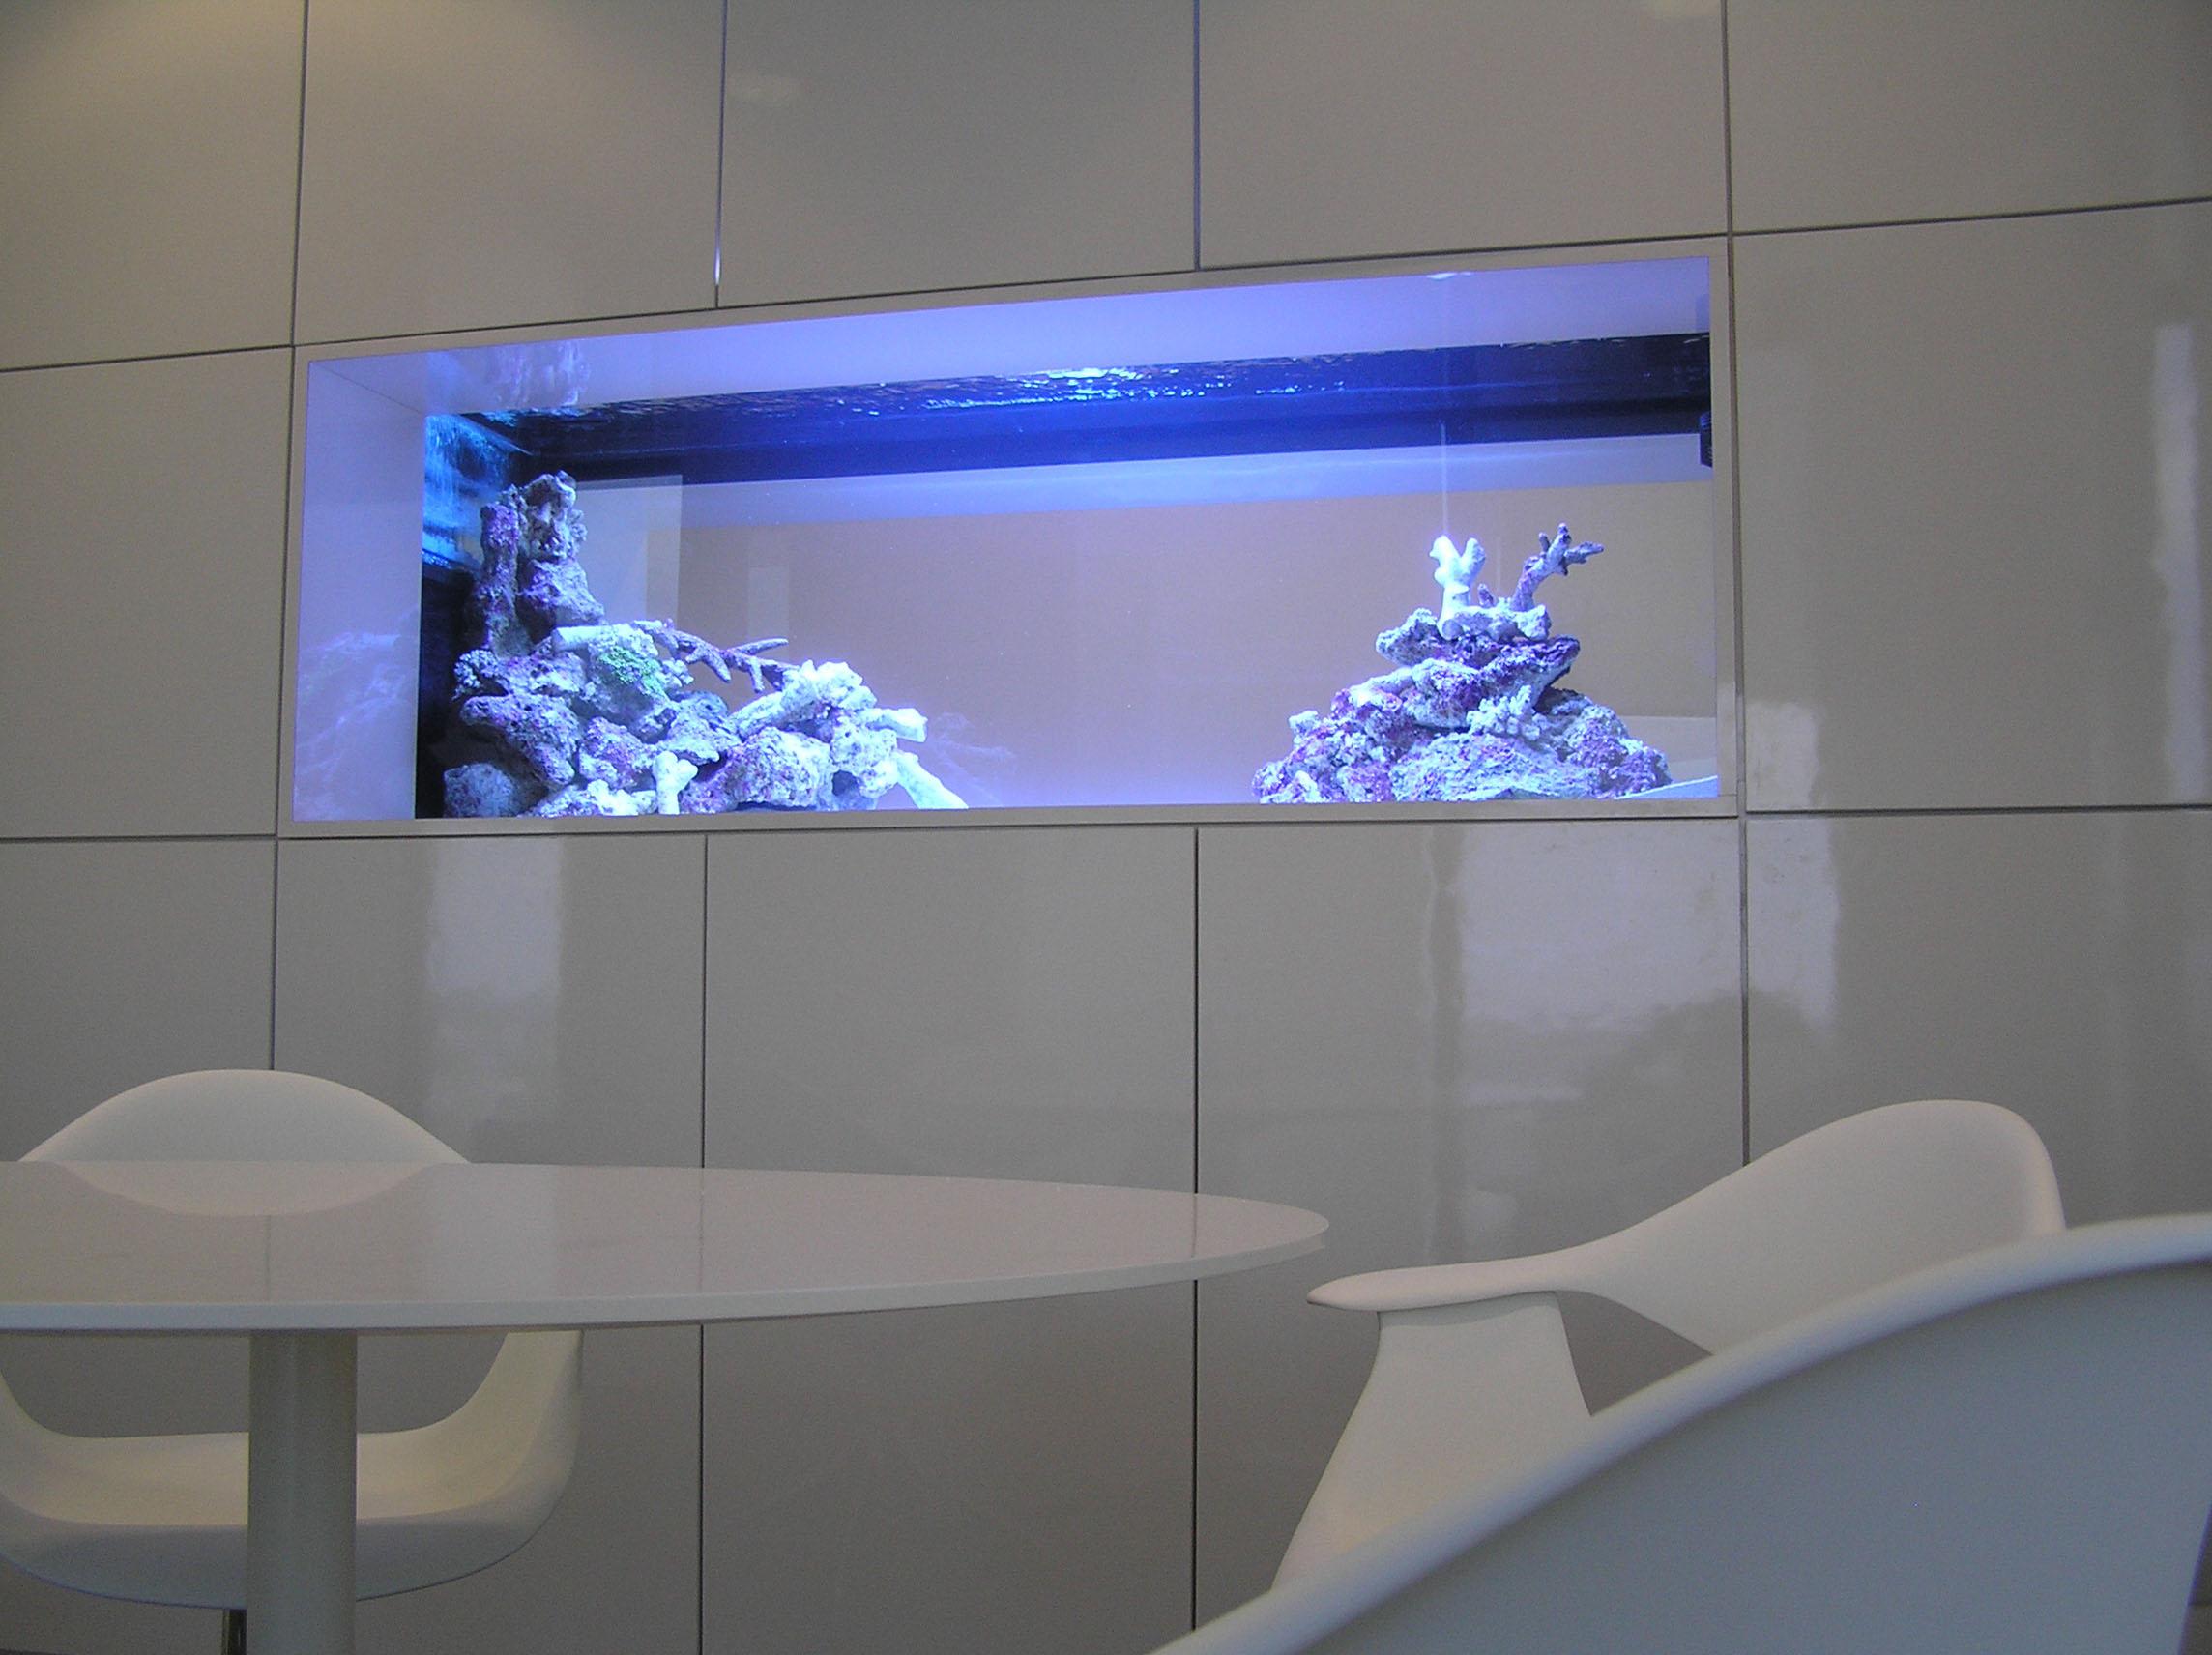 Декор для аквариума с кораллами